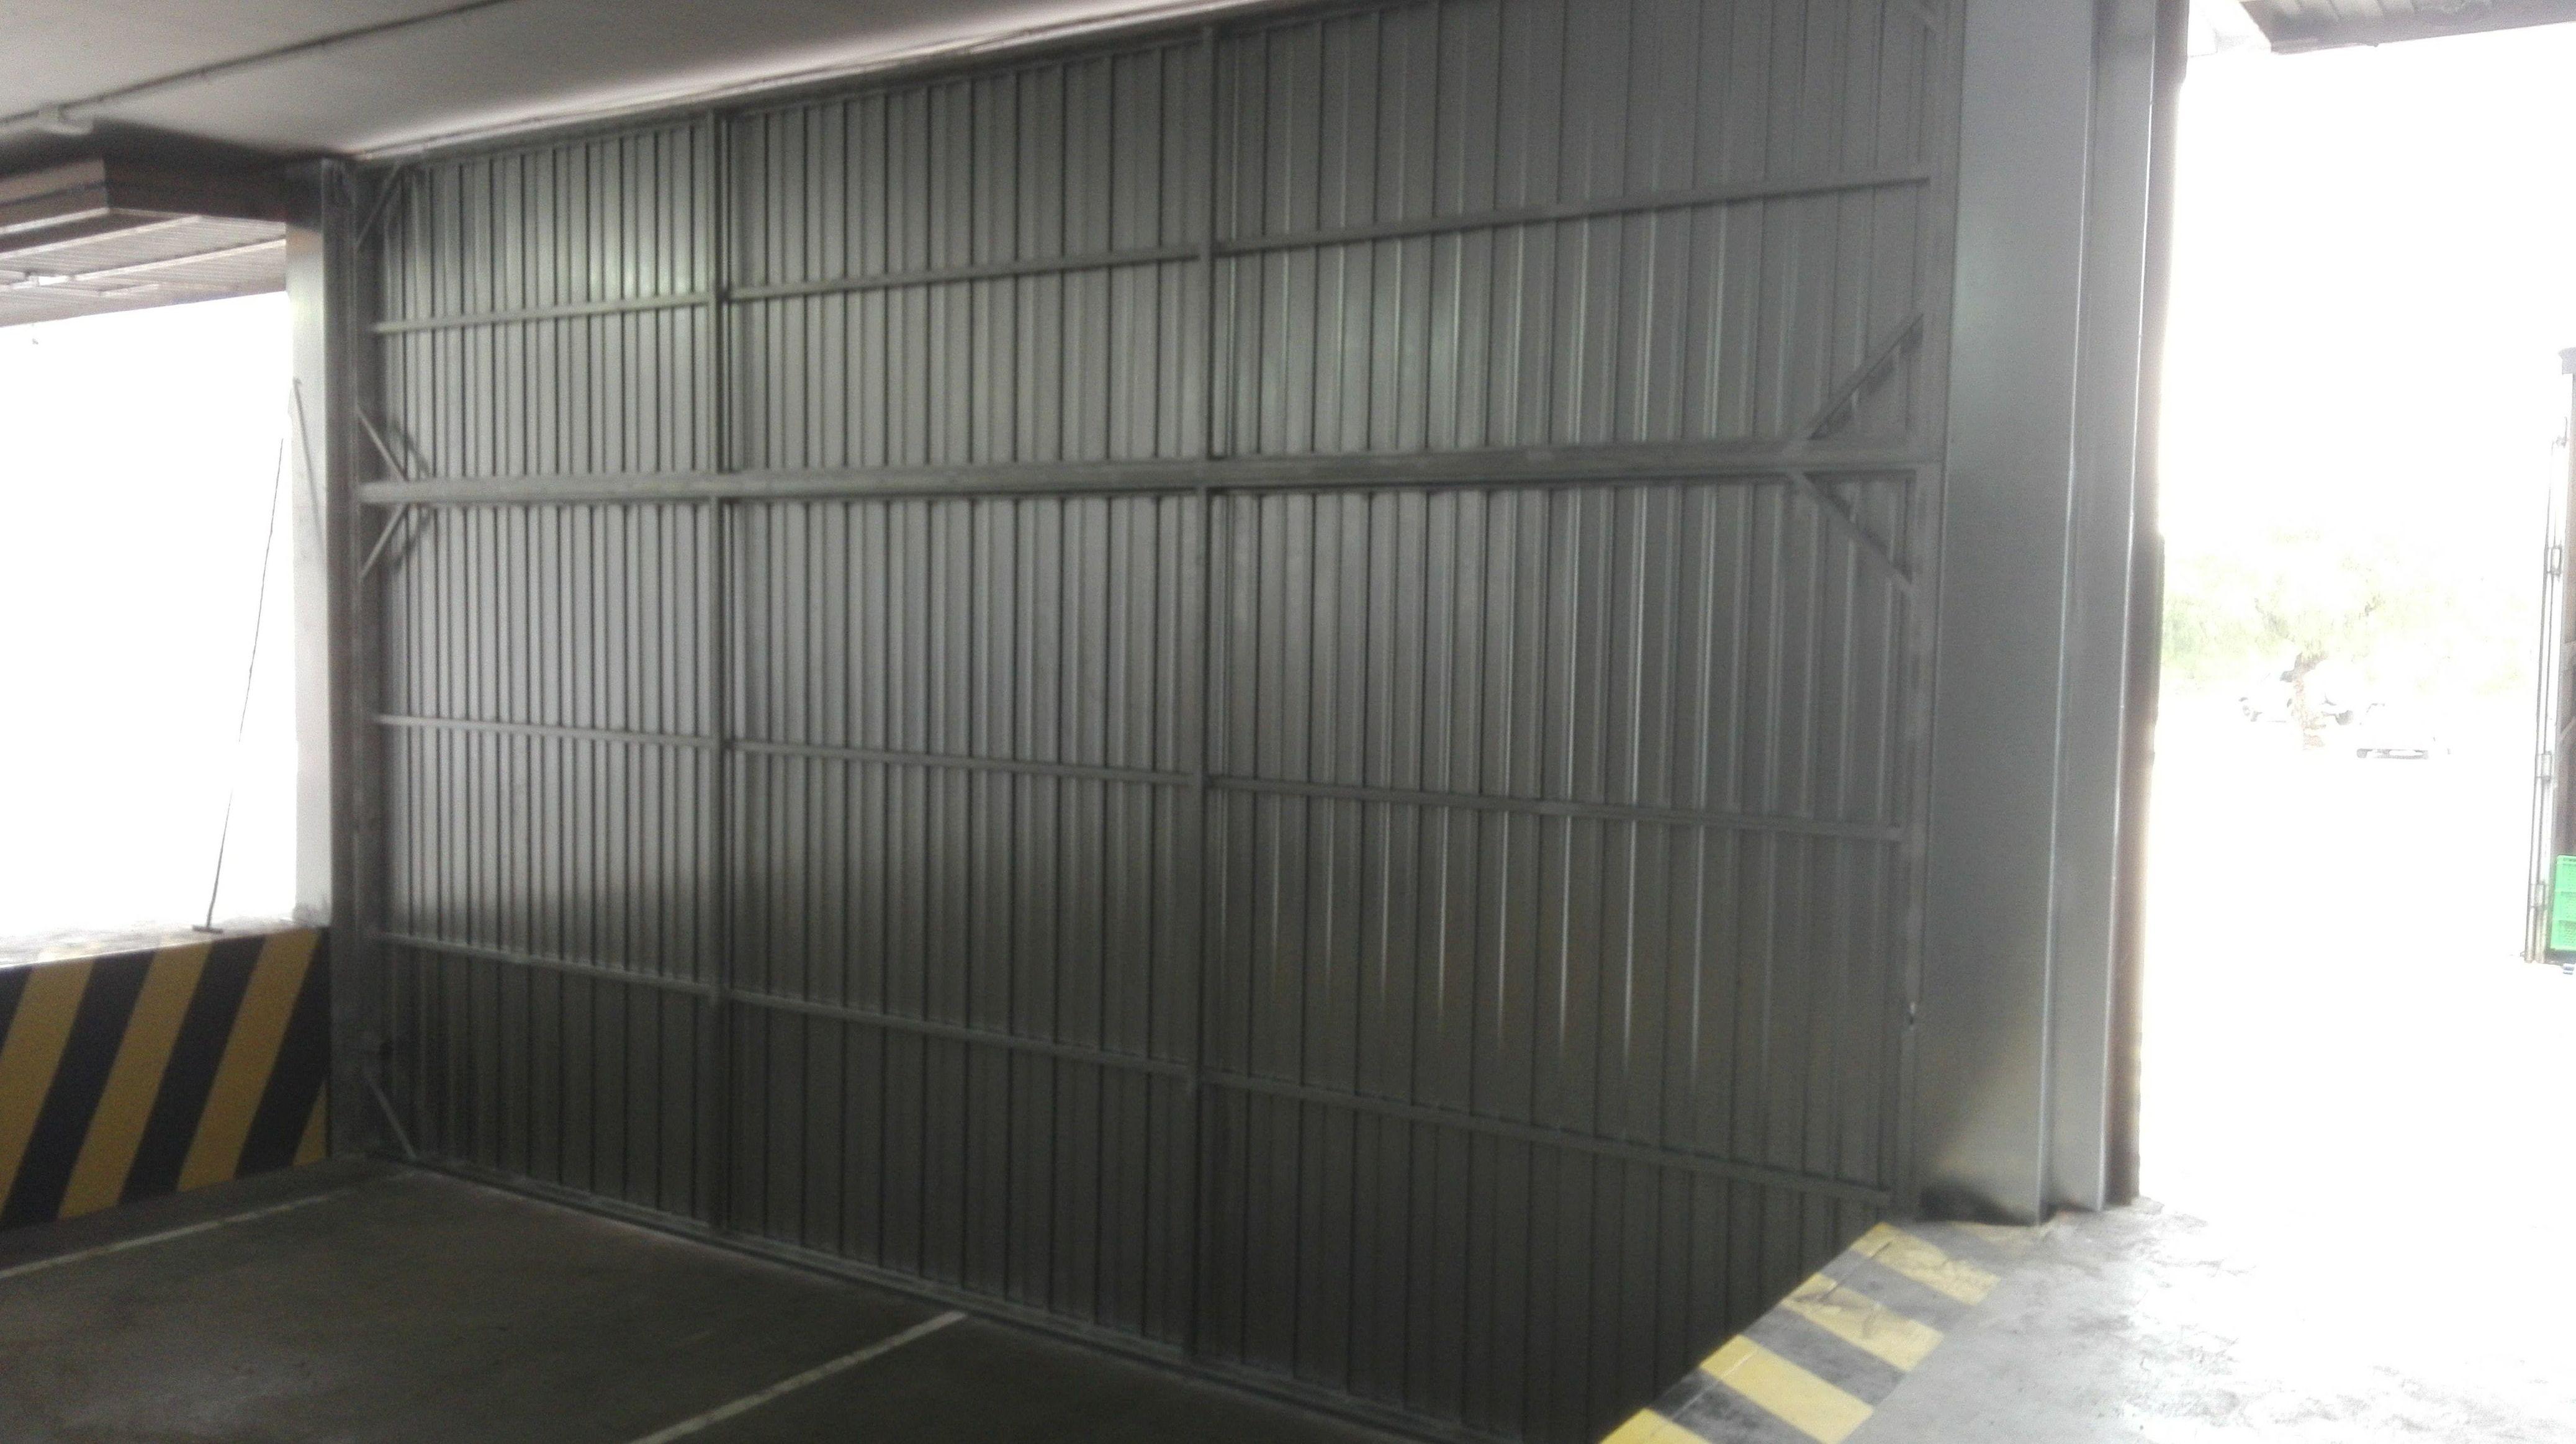 Puerta basculante de contrapesos industrial chapa galvanizada parte interior en Paterna